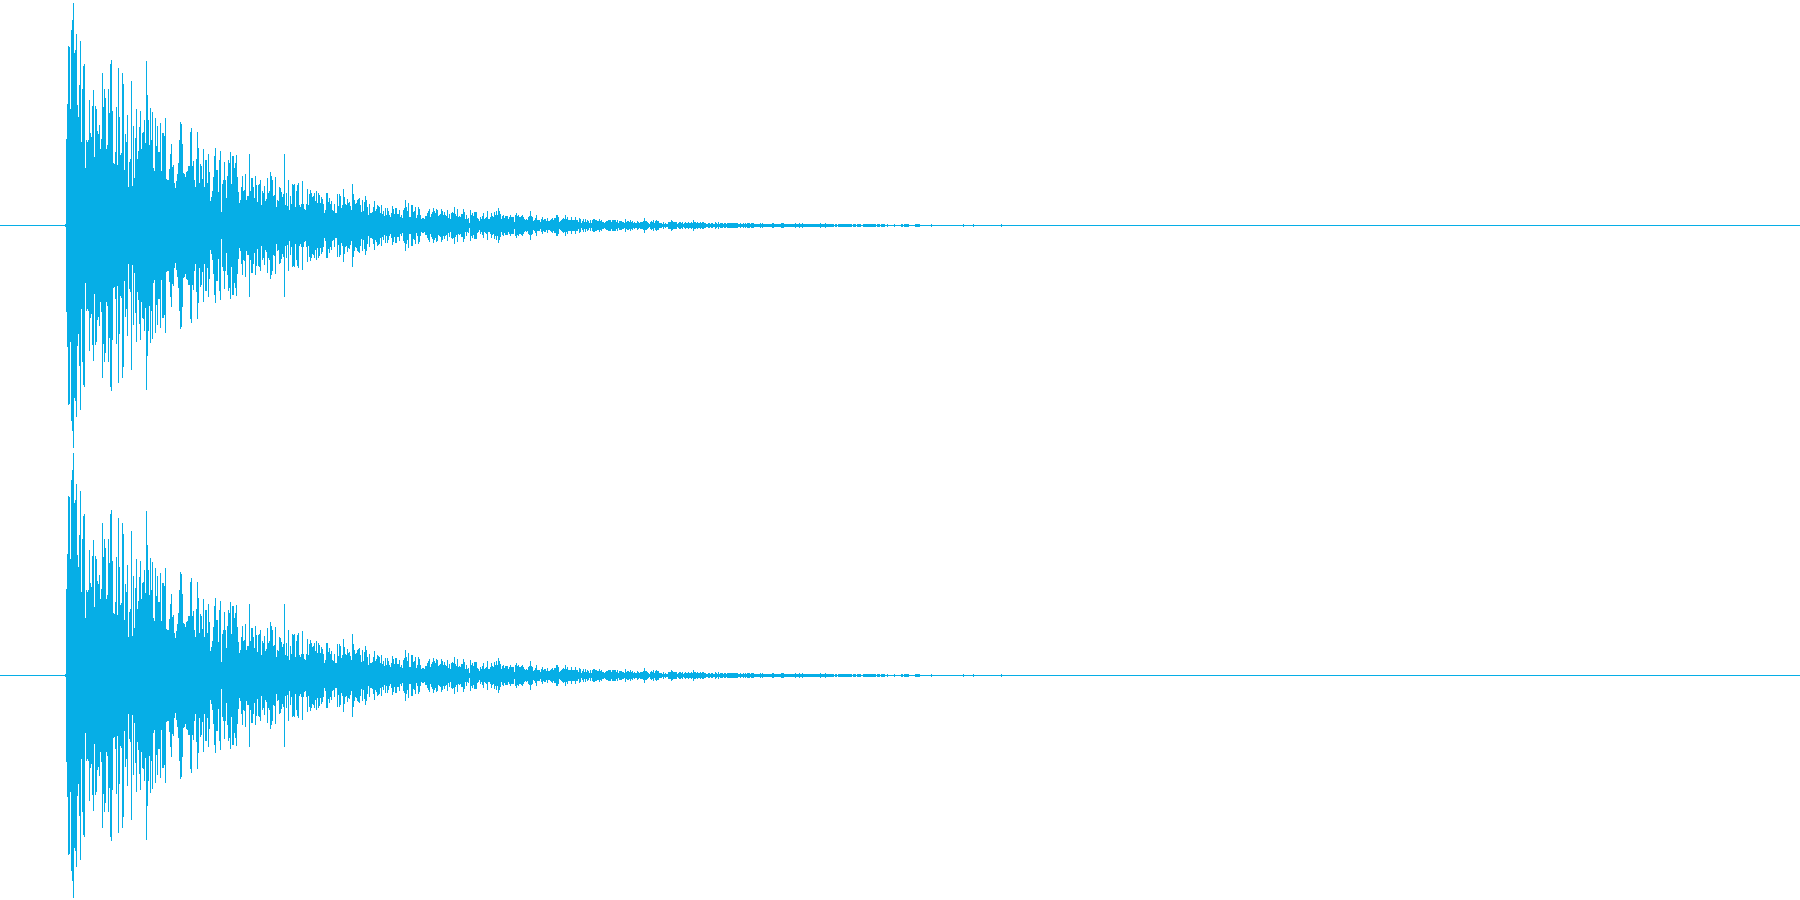 レーザービーム音(ピュン)の再生済みの波形